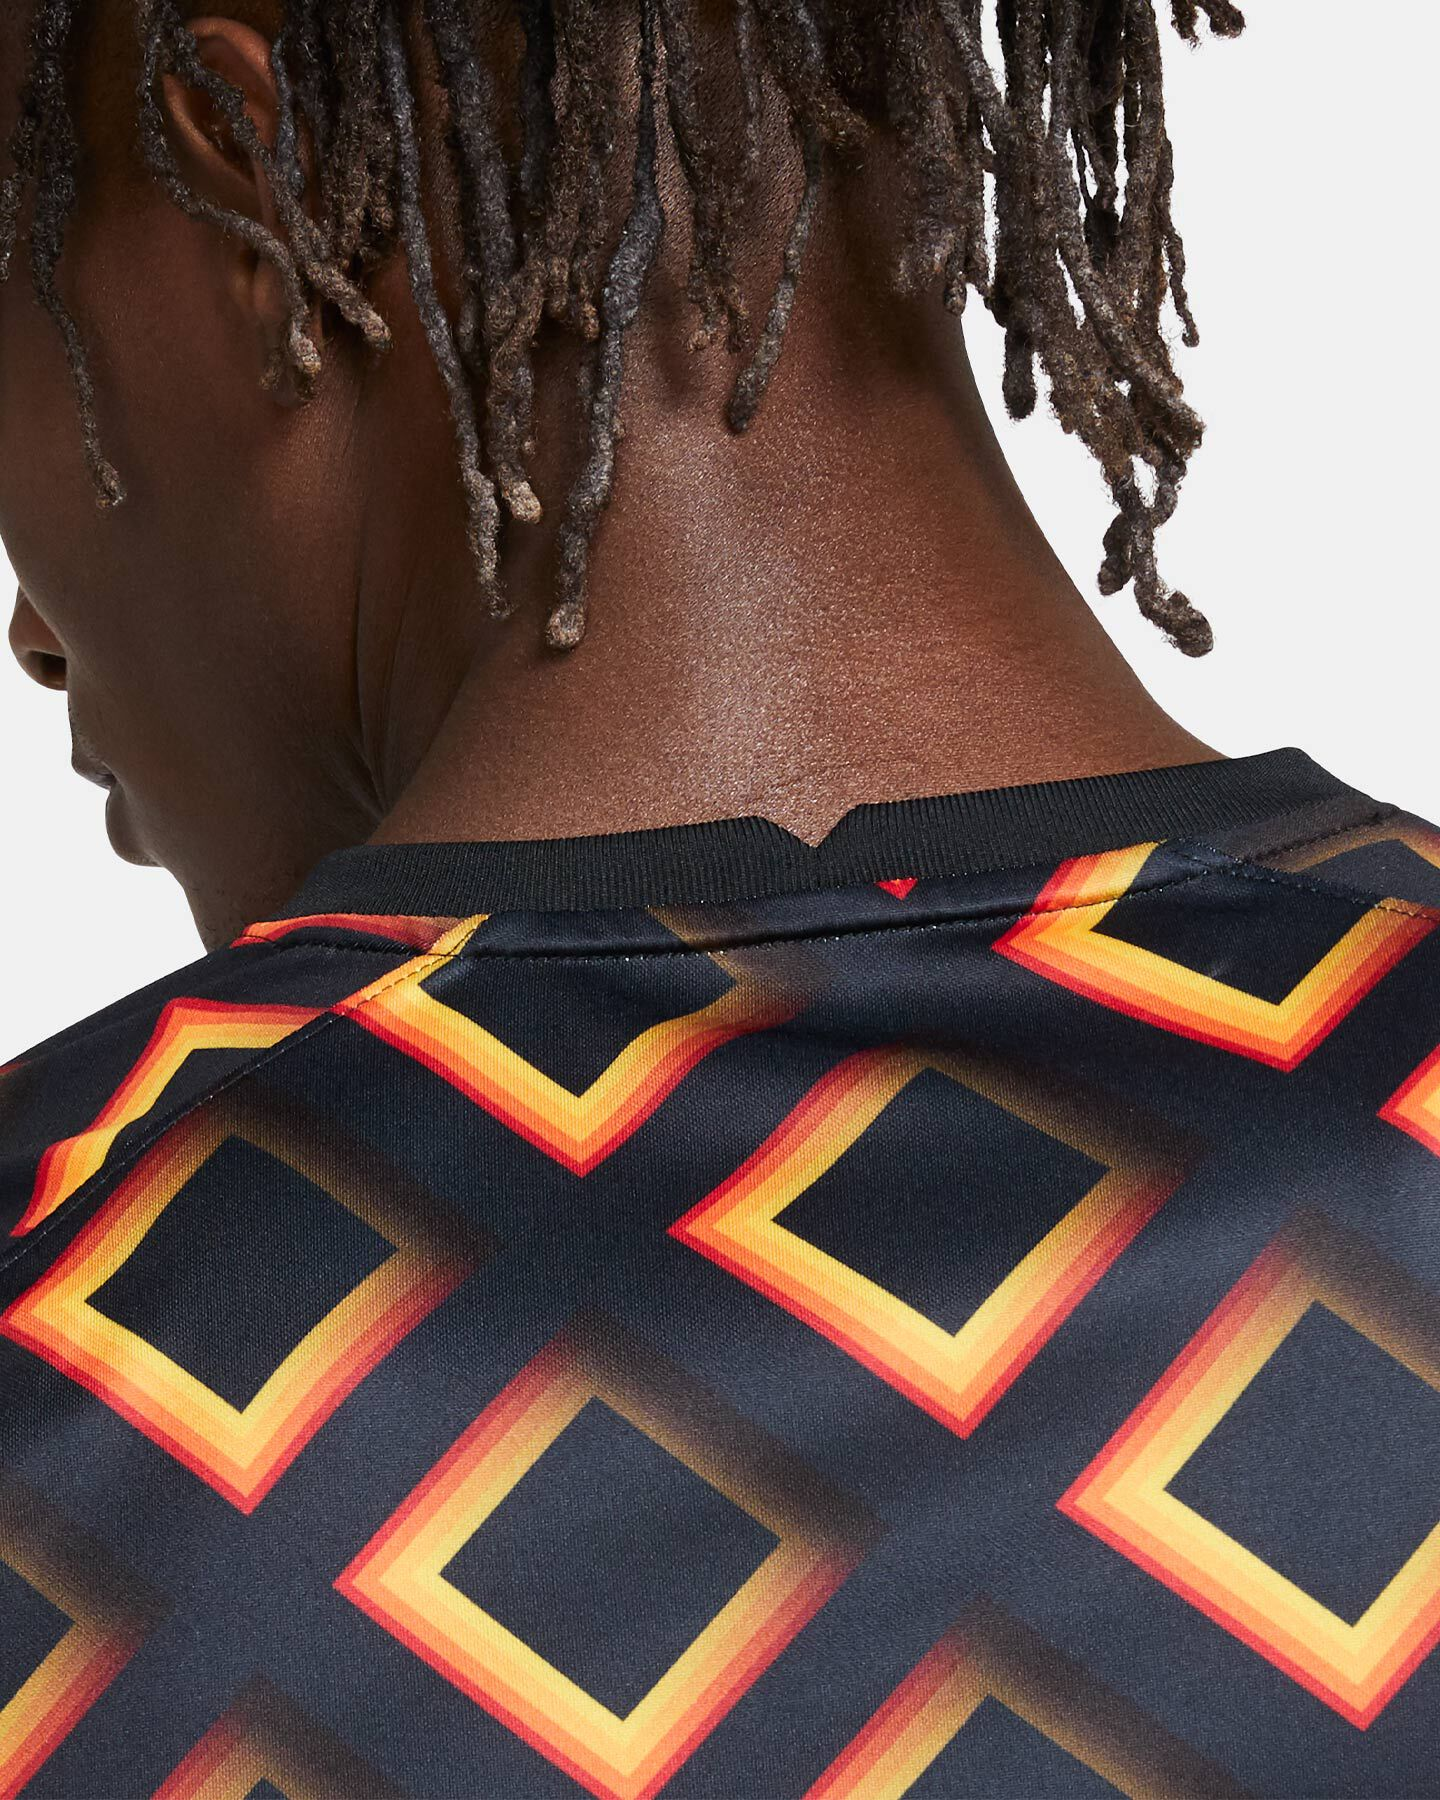 Abbigliamento calcio NIKE AS ROMA PREMATCH 20-21 M S5195542 scatto 5